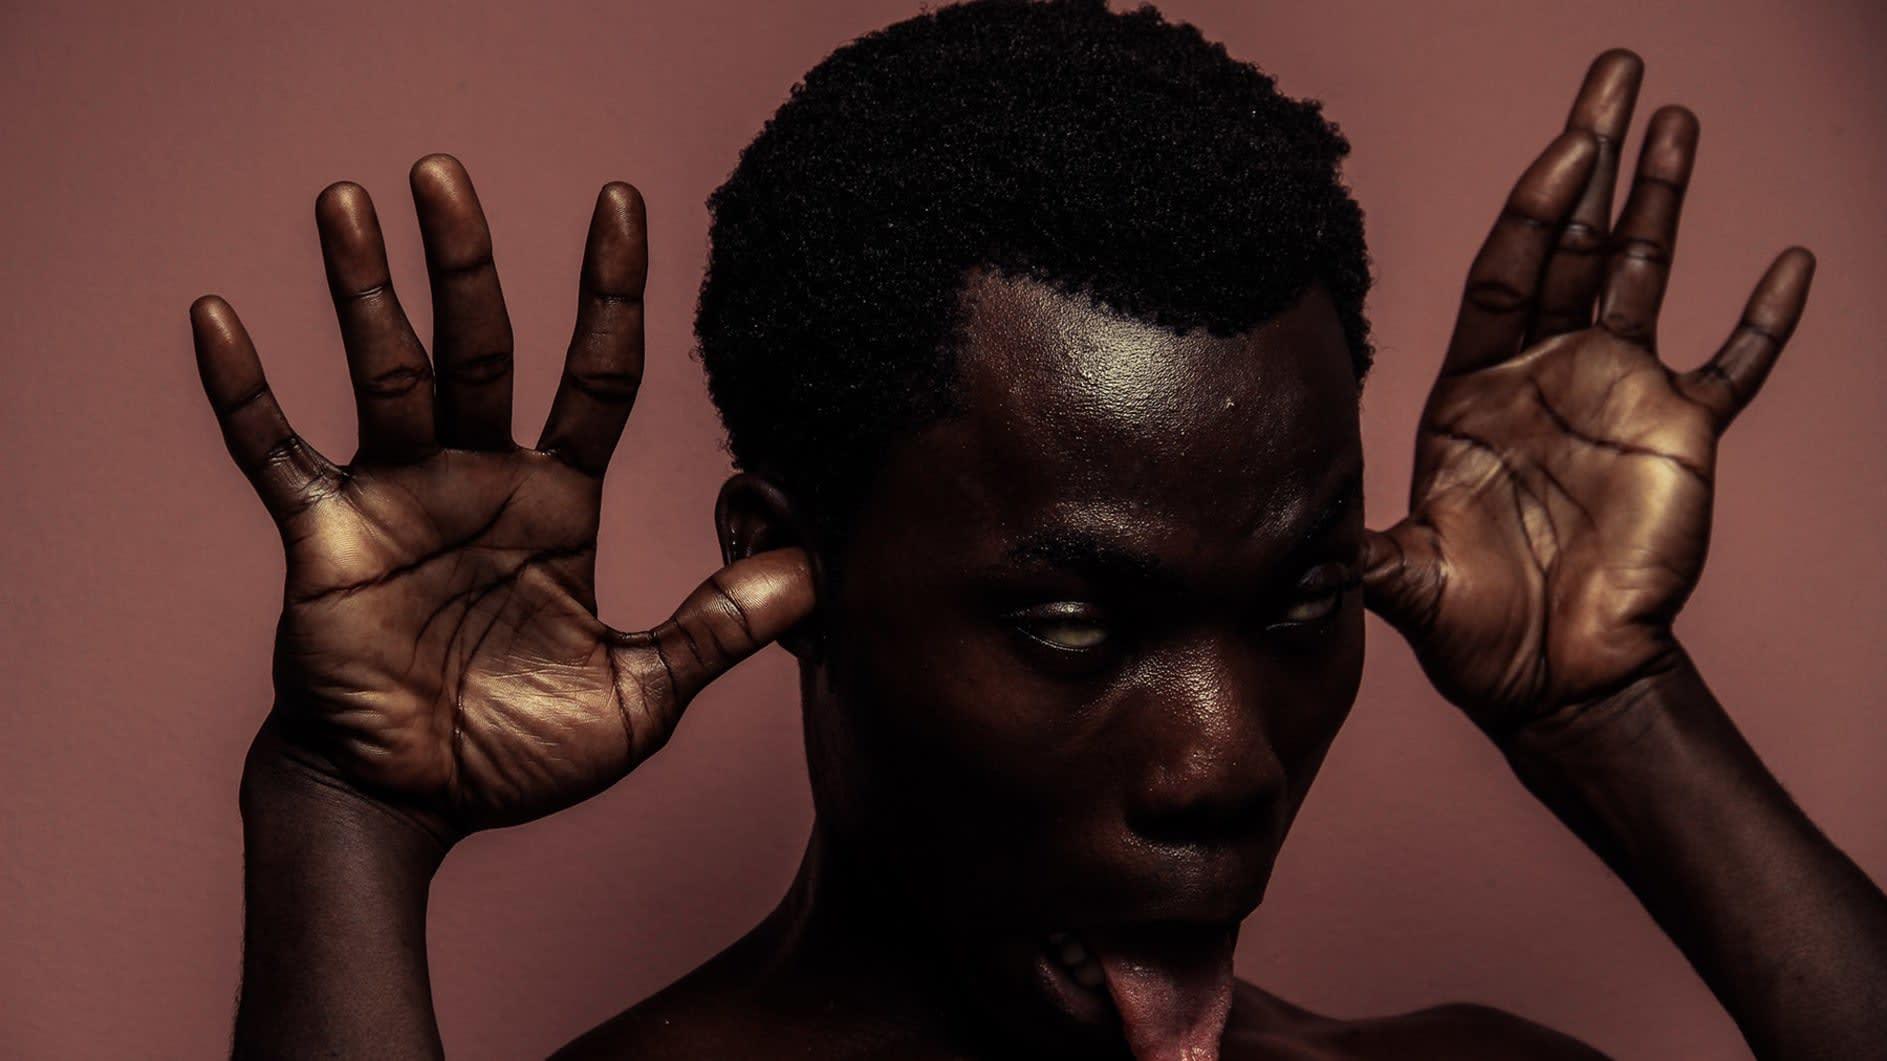 هذا المصور النيجيري يتحدى الصور النمطية للنيجيريين